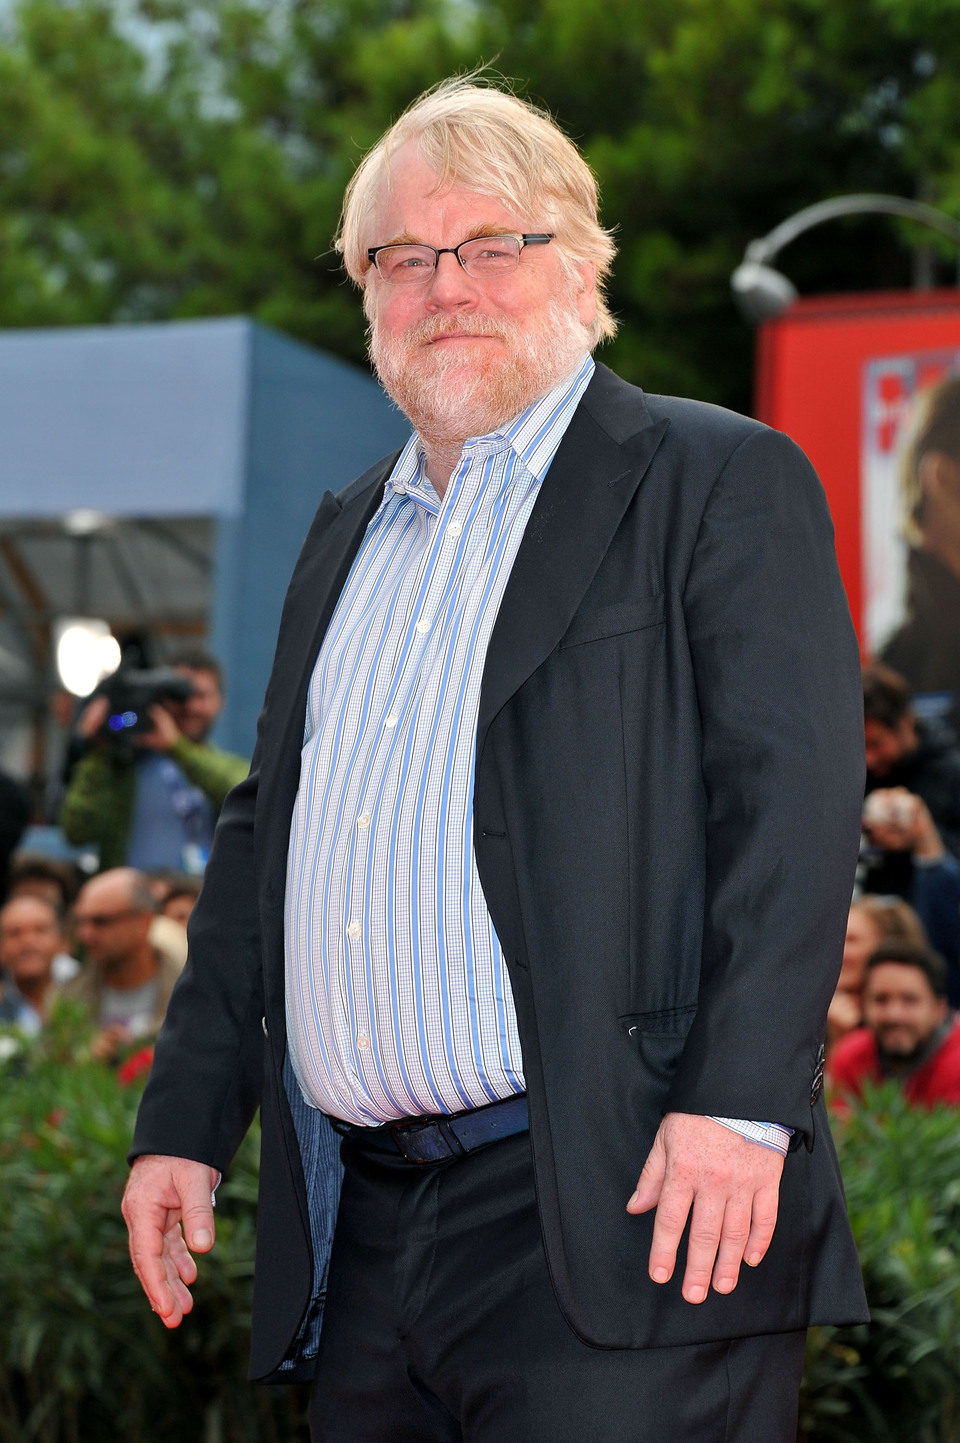 Philip Seymour Hoffman en la Mostra de Venecia 2012